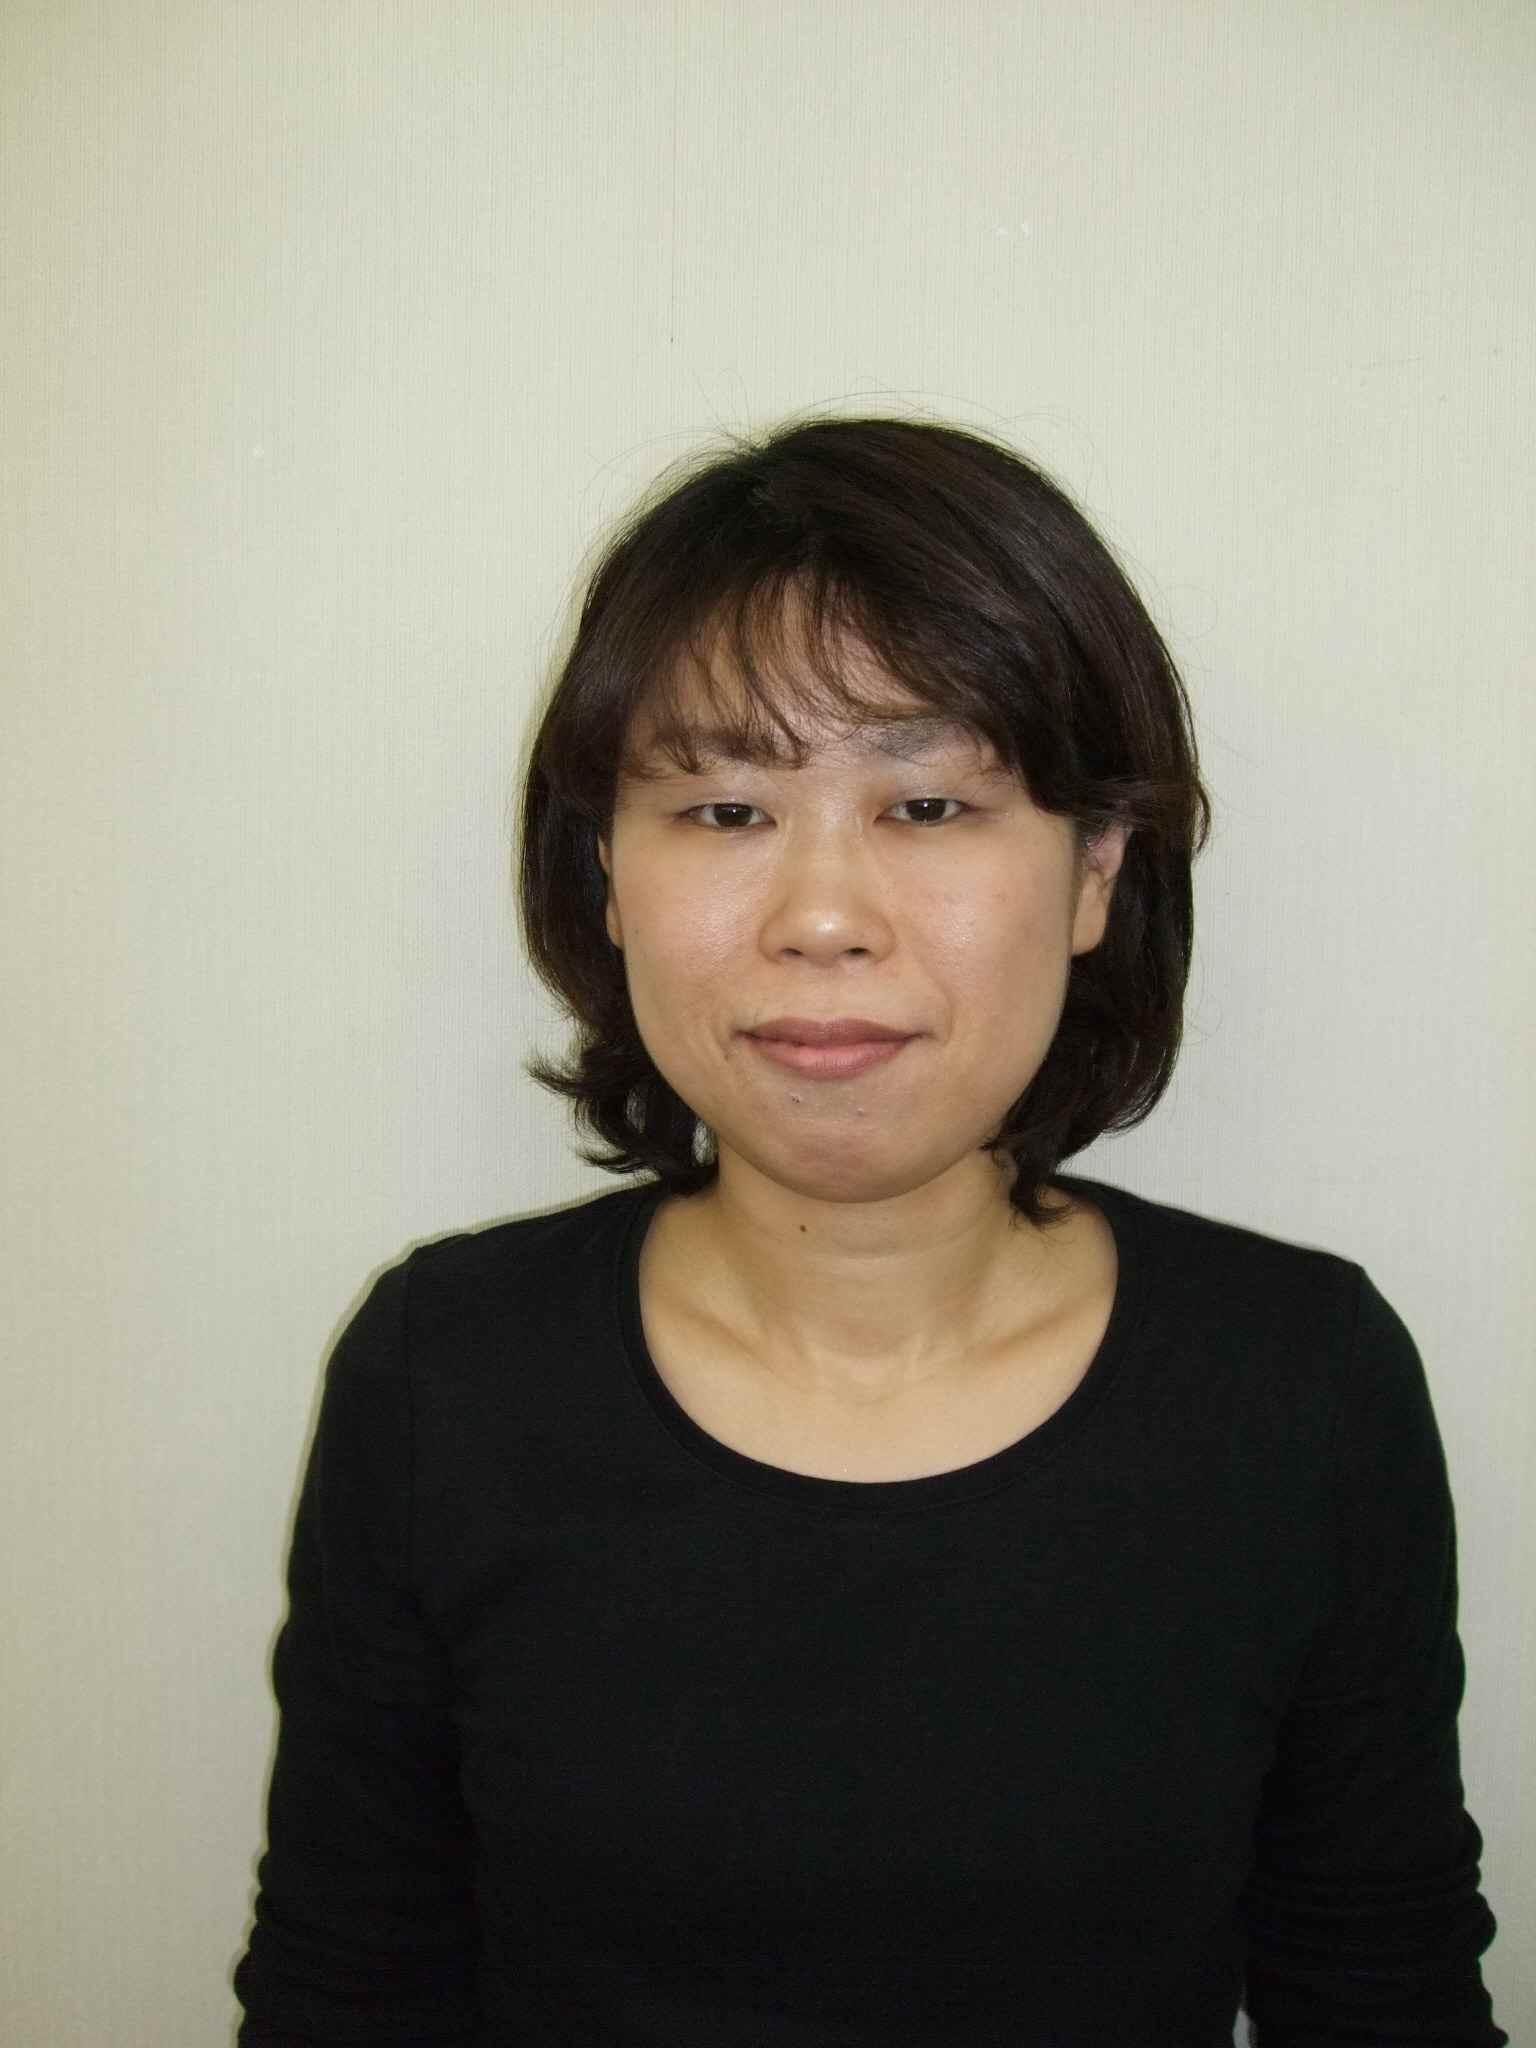 高橋ヨガ研究所 本部上新庄教室 - 西川雅美(ニシカワマサミ)さんの写真